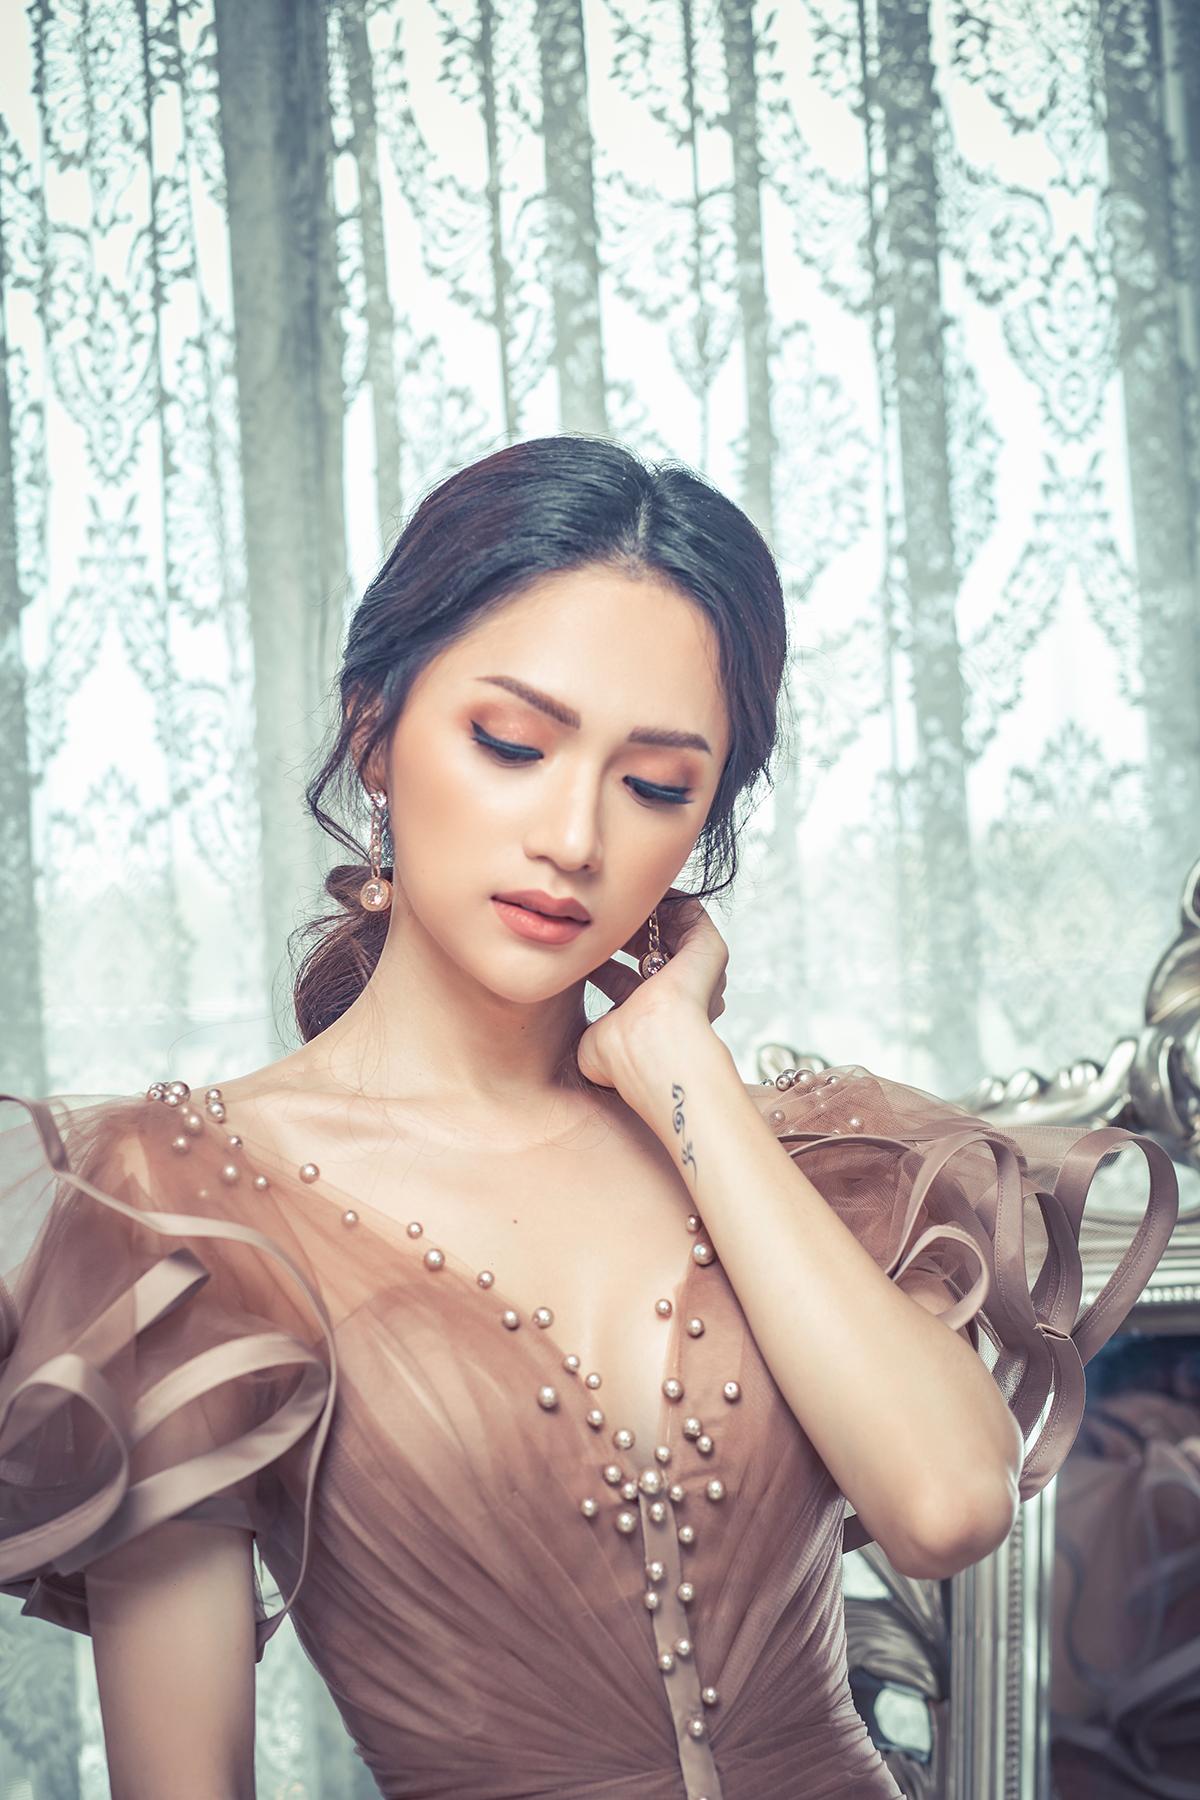 Hoa hậu Hương Giang đẹp xuất thần trong thiết kế ren mỏng tang - Ảnh 2